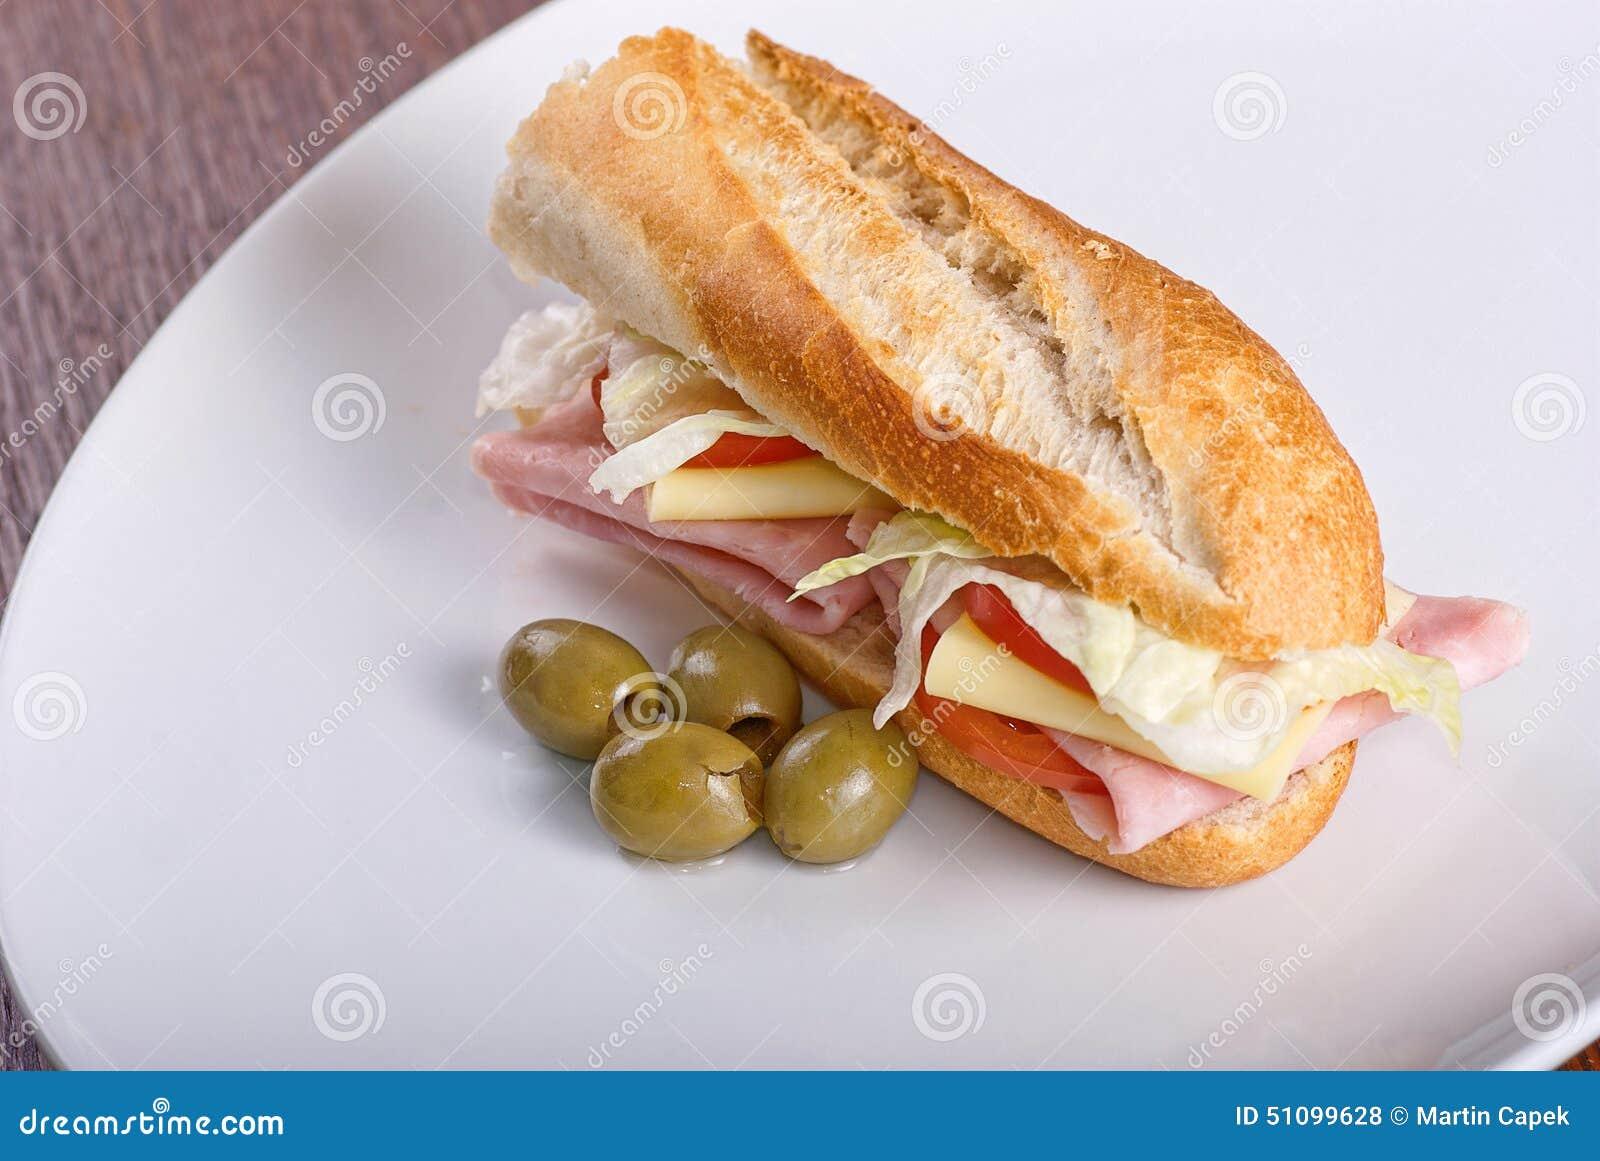 Sandwich fait maison avec du jambon la salade le chesse for Baguette du maison